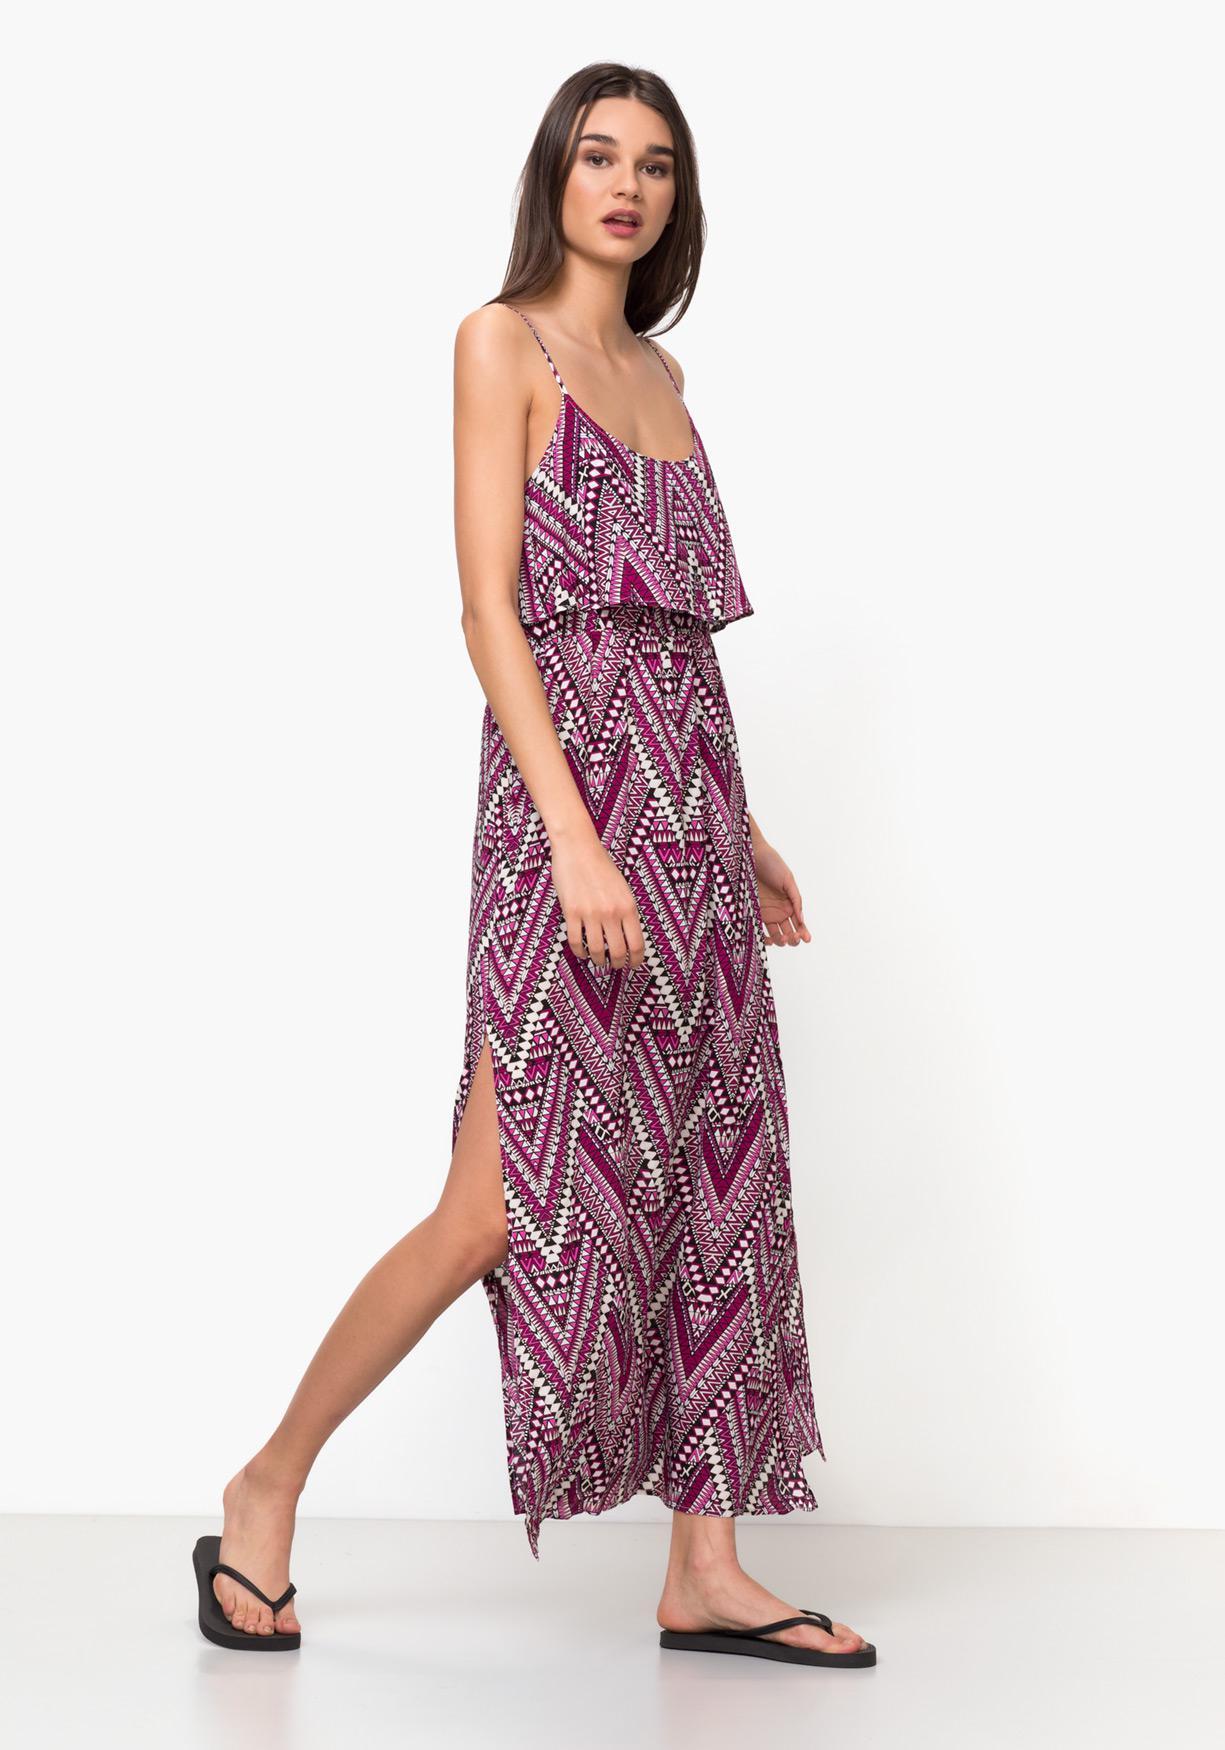 Las tendencias de la moda son a veces difíciles de captar. Sin embargo, con la colección de vestidos para mujer más actualizada, la de LightInTheBox, siempre podrás estar a la última al precio más bajo.